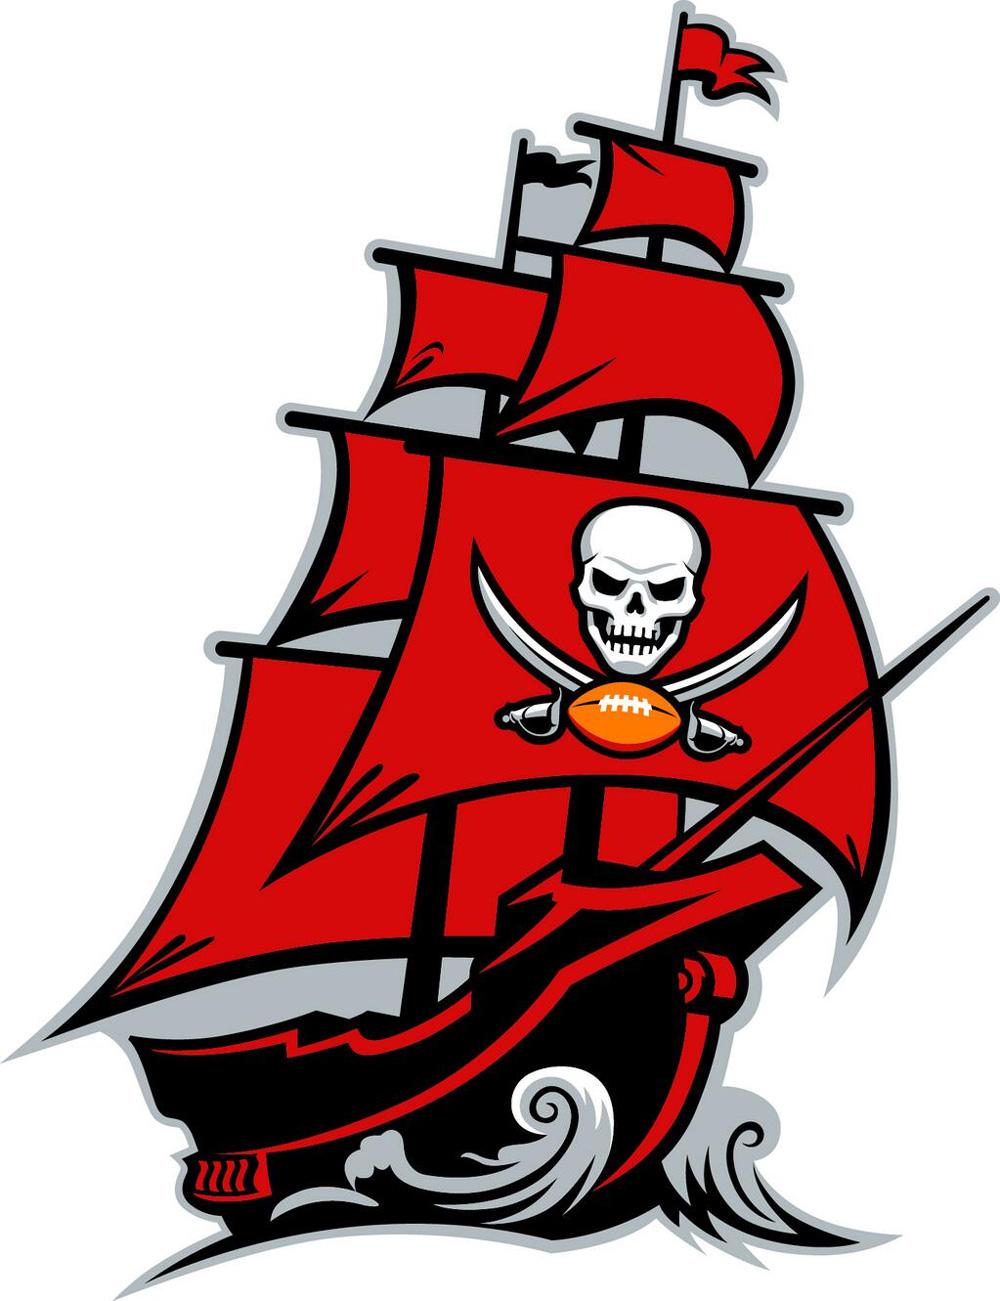 tampa bay buccaneers ship logos tampa bay buccaneers ship logos